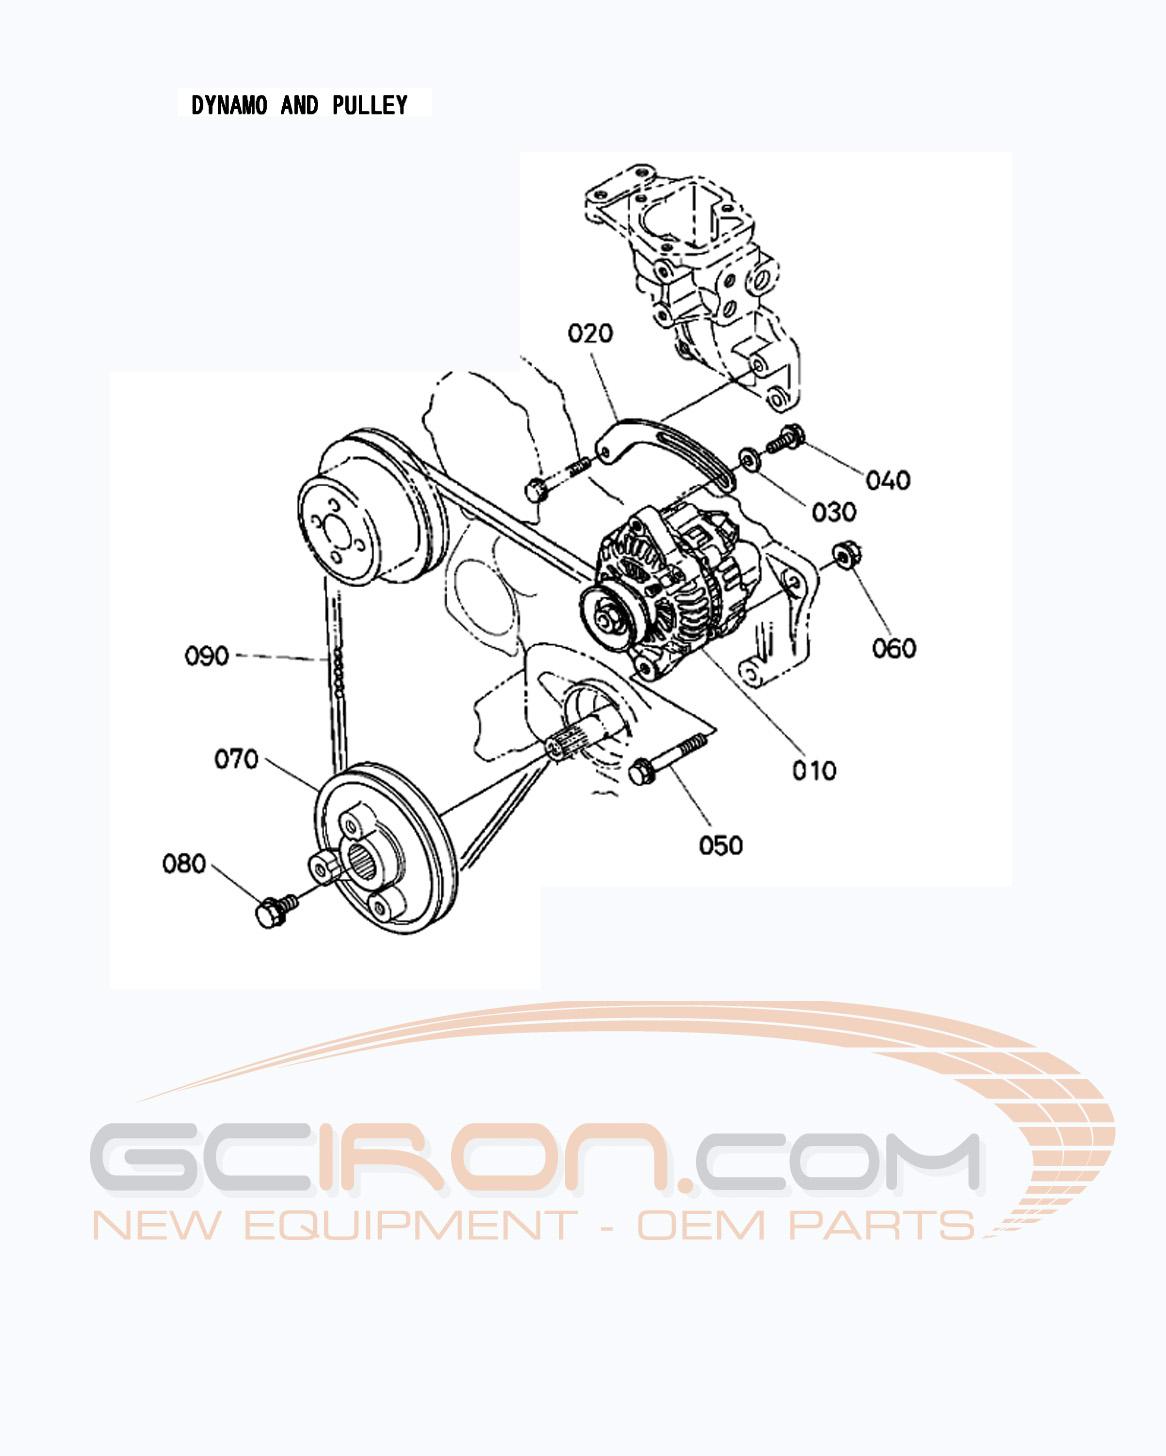 kubota f2560 wiring diagram usy masterpiecelite uk \u2022 kubota tractor starter g1800 kubota wiring diagram imageresizertool com kubota f2560 hydrostatic transmission maintenance kubota f2560 specifications